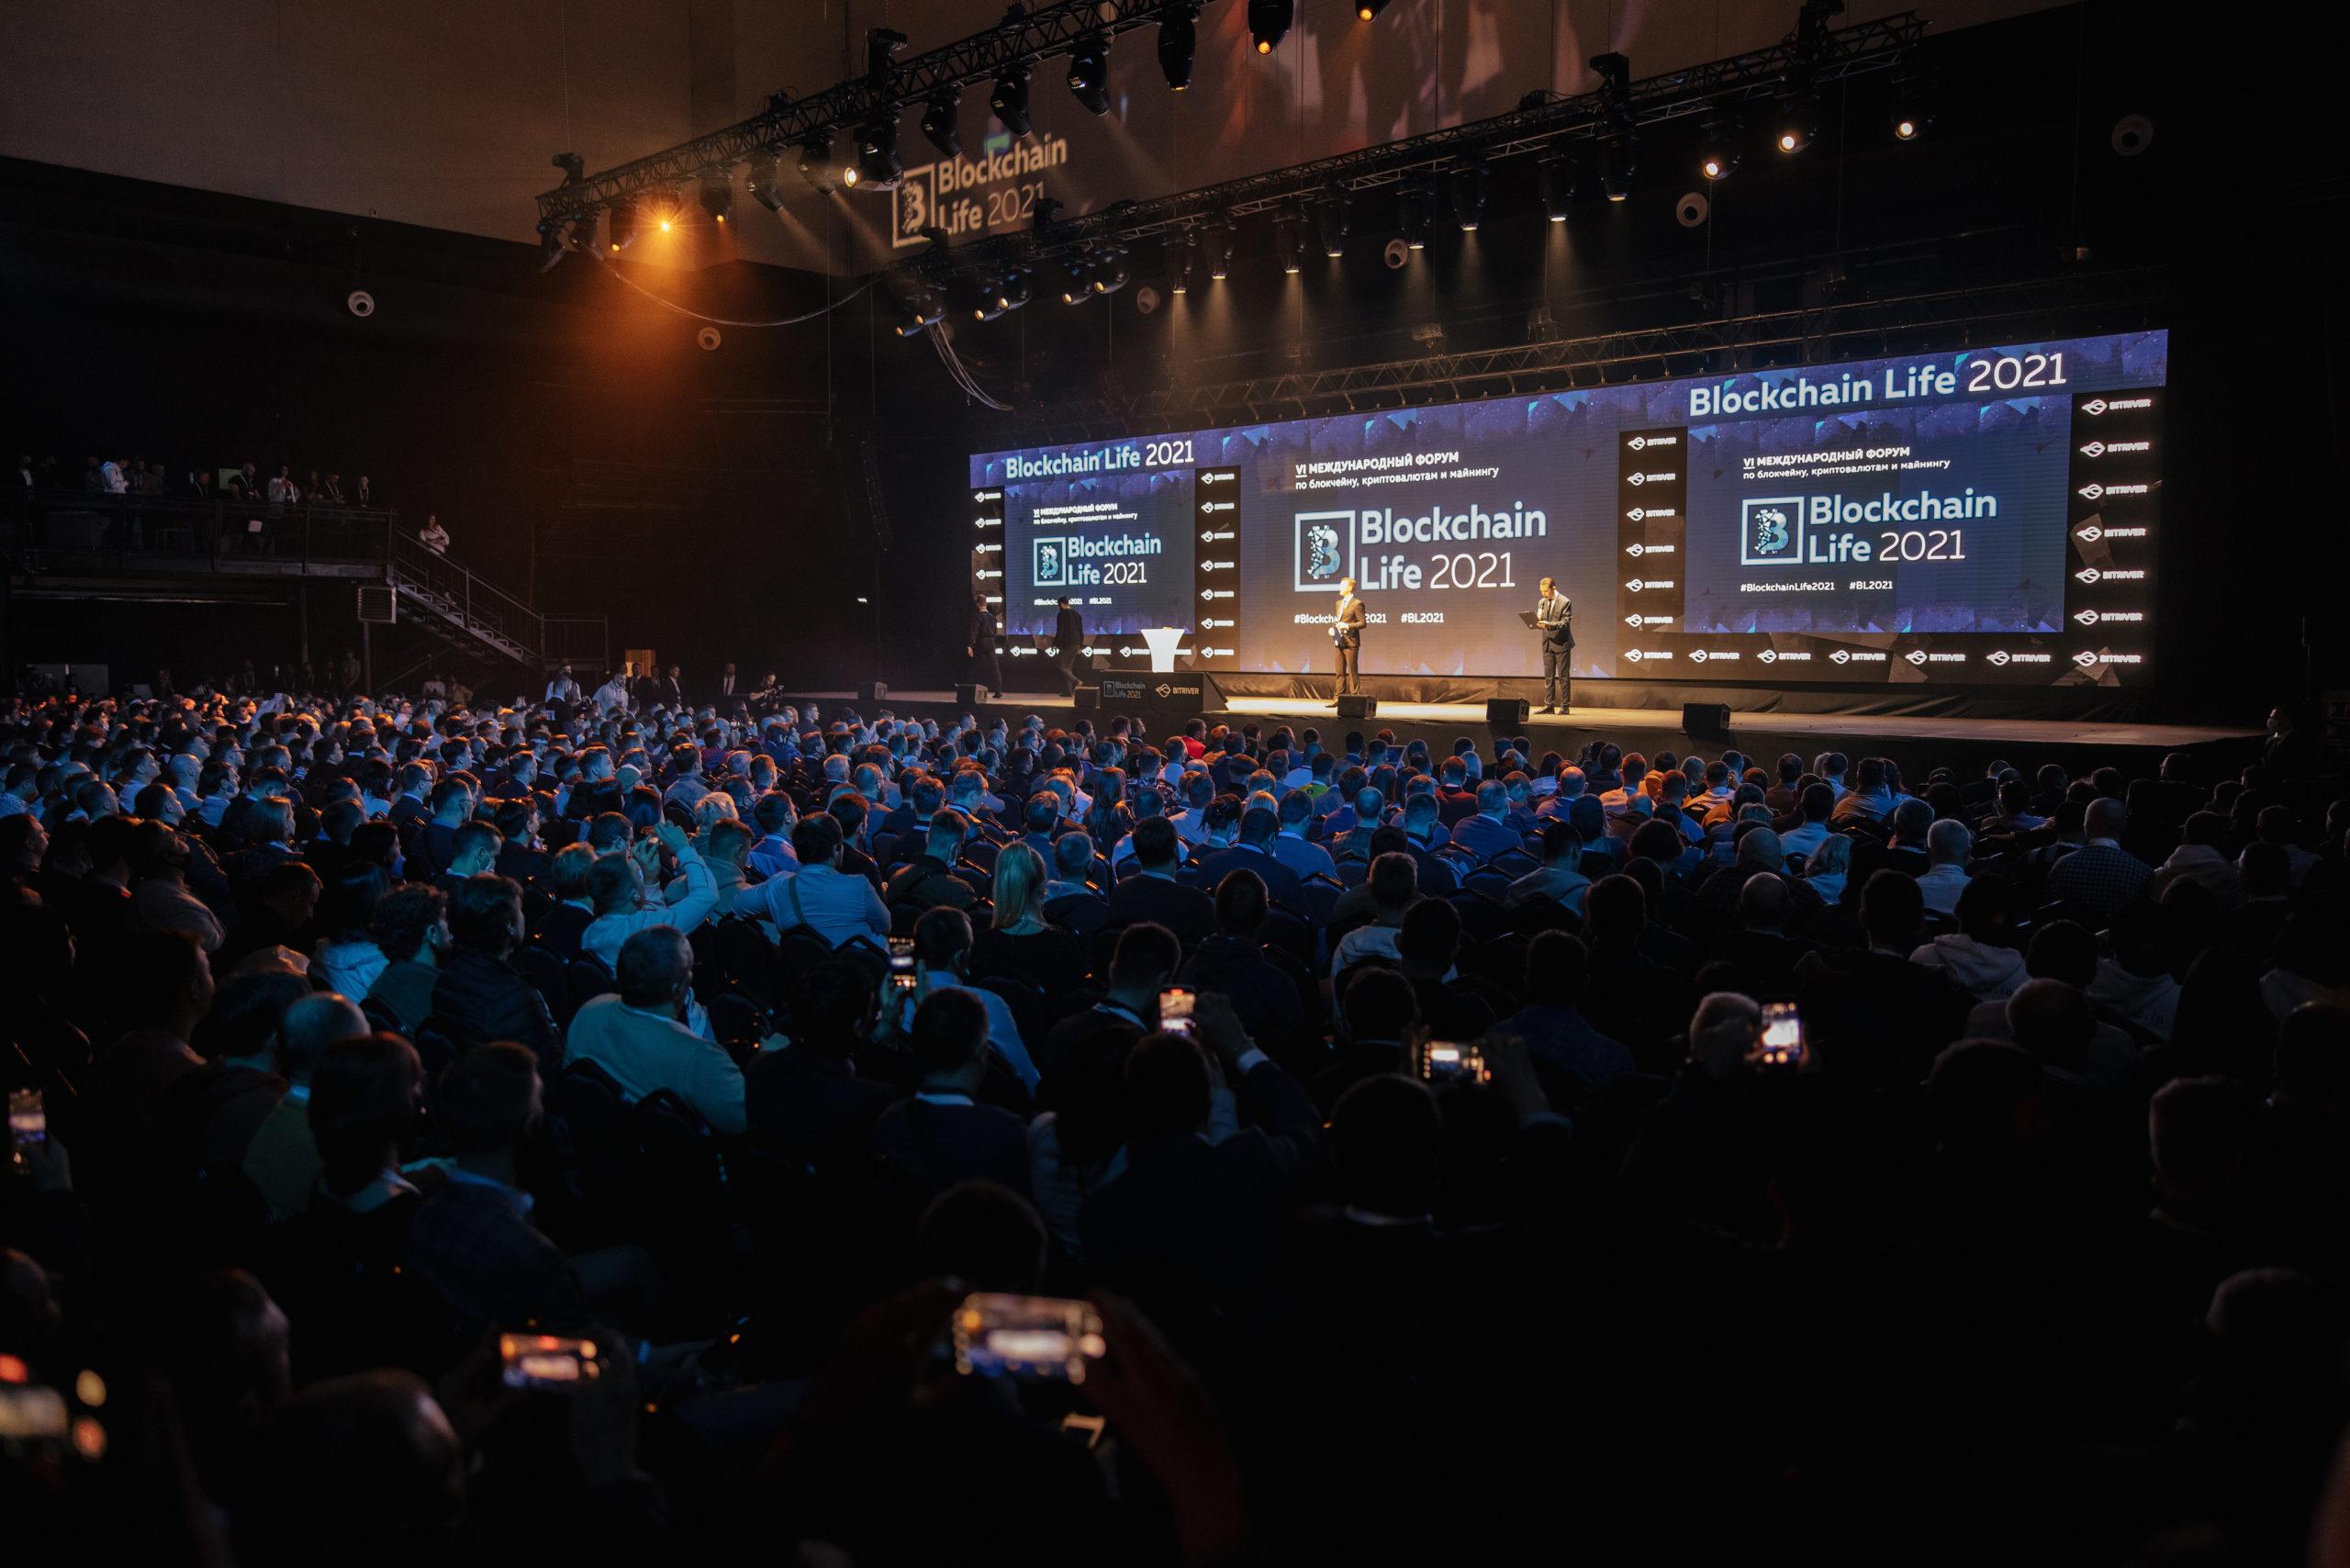 В Москве состоялся 6-ой международный форум Blockchain Life 2021.